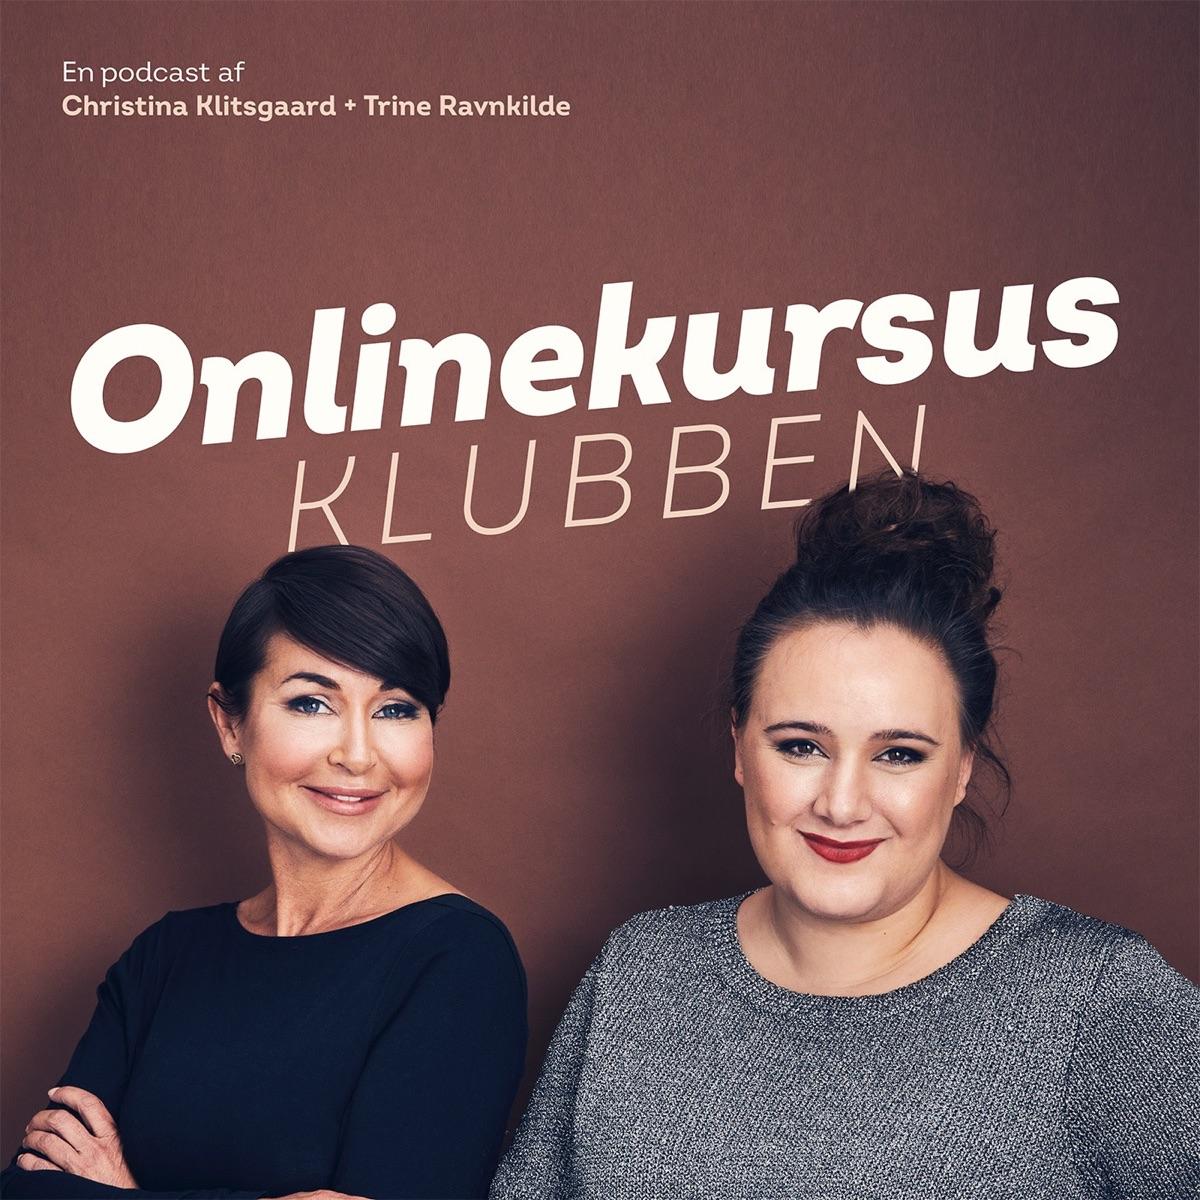 Onlinekursus-klubben